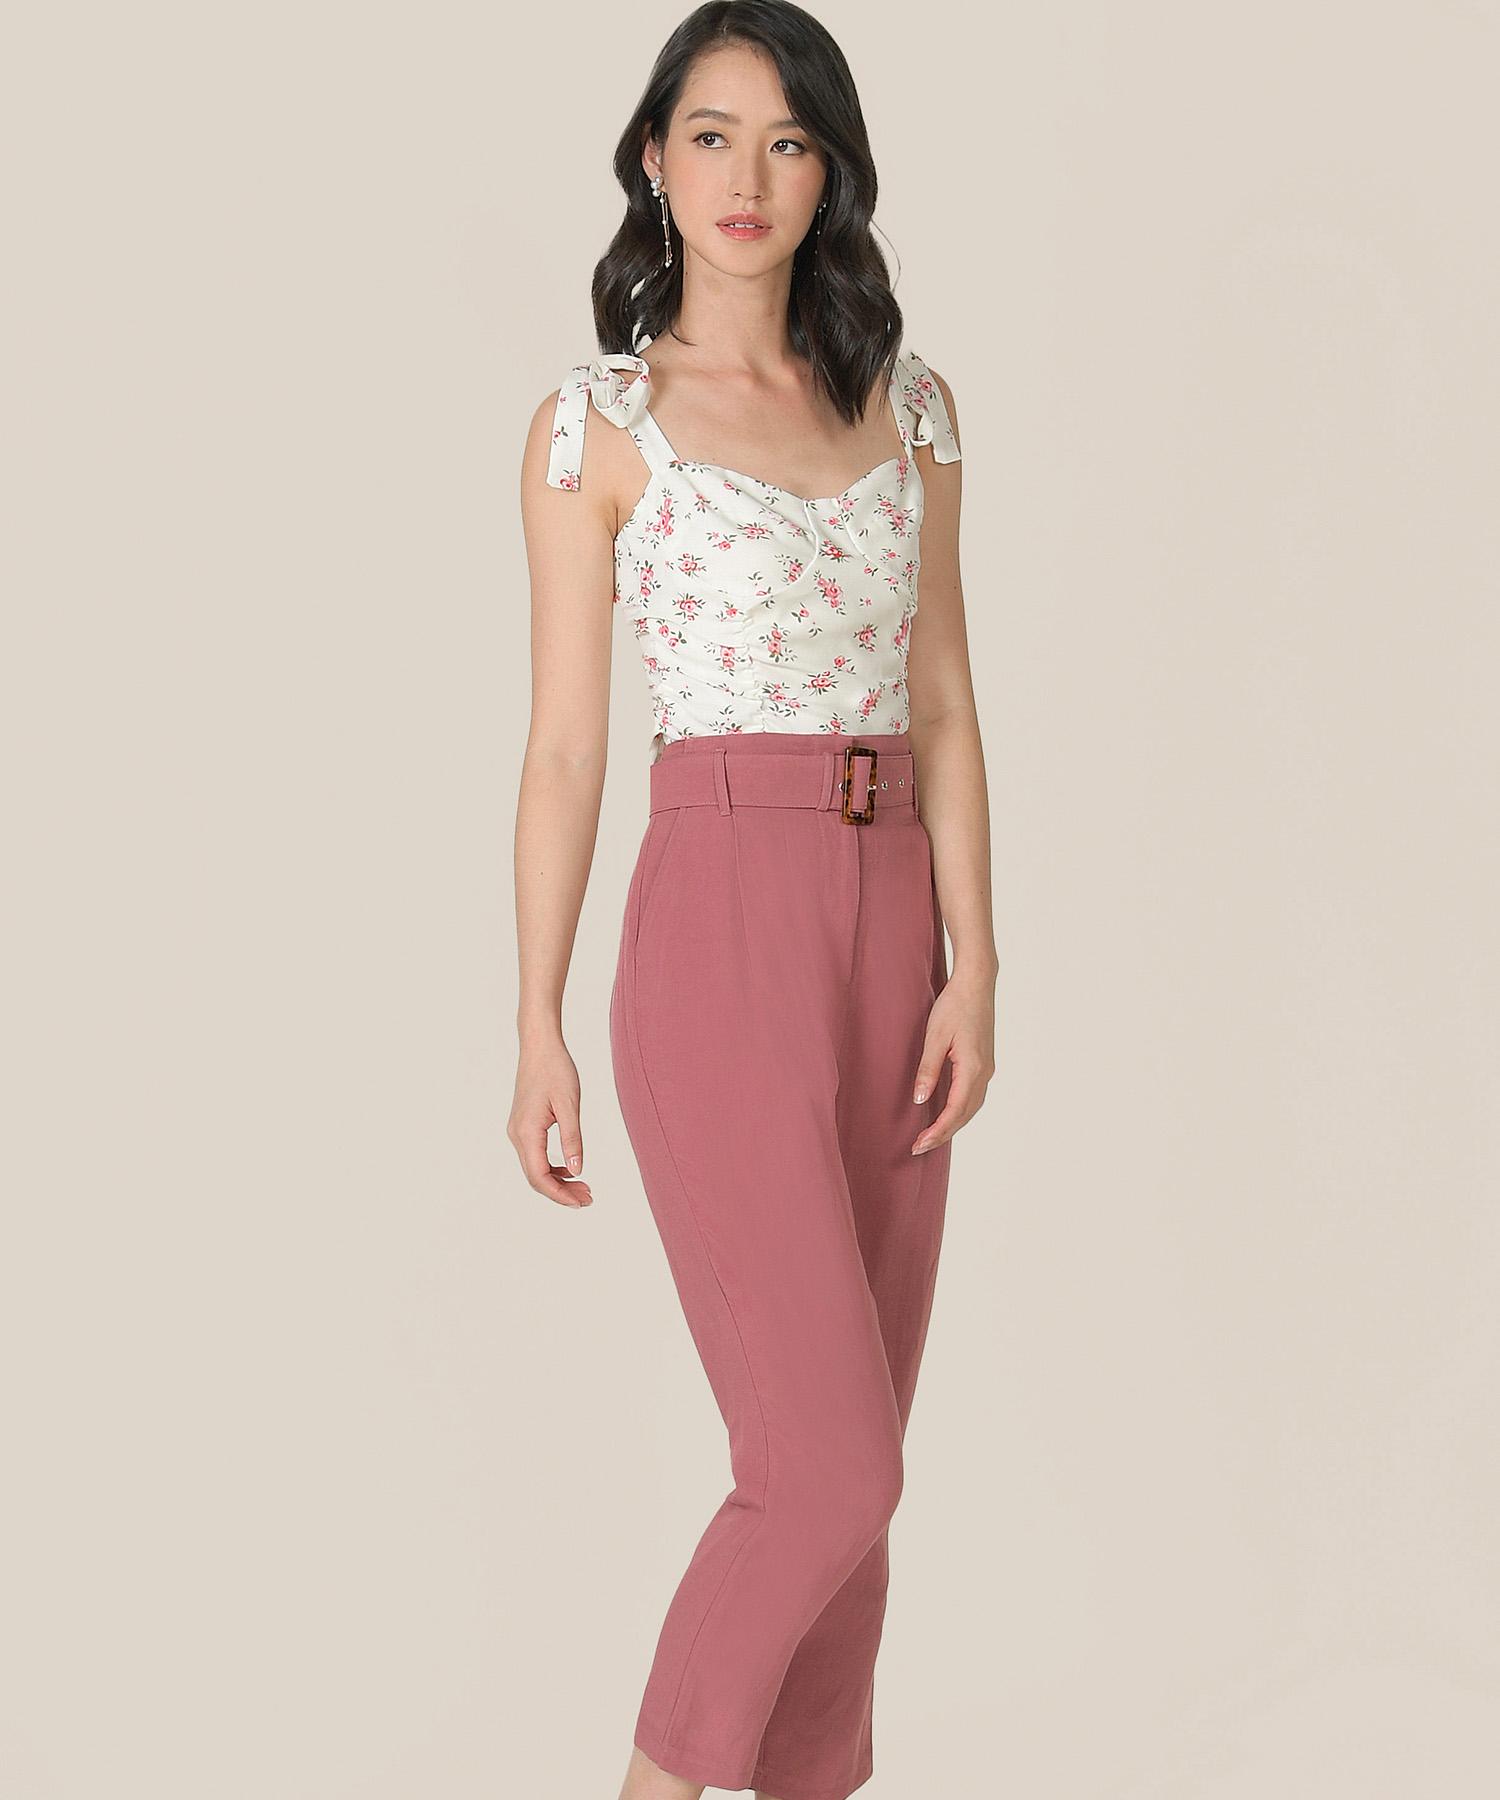 mirador-high-waist-belted-trousers-raspberry-2